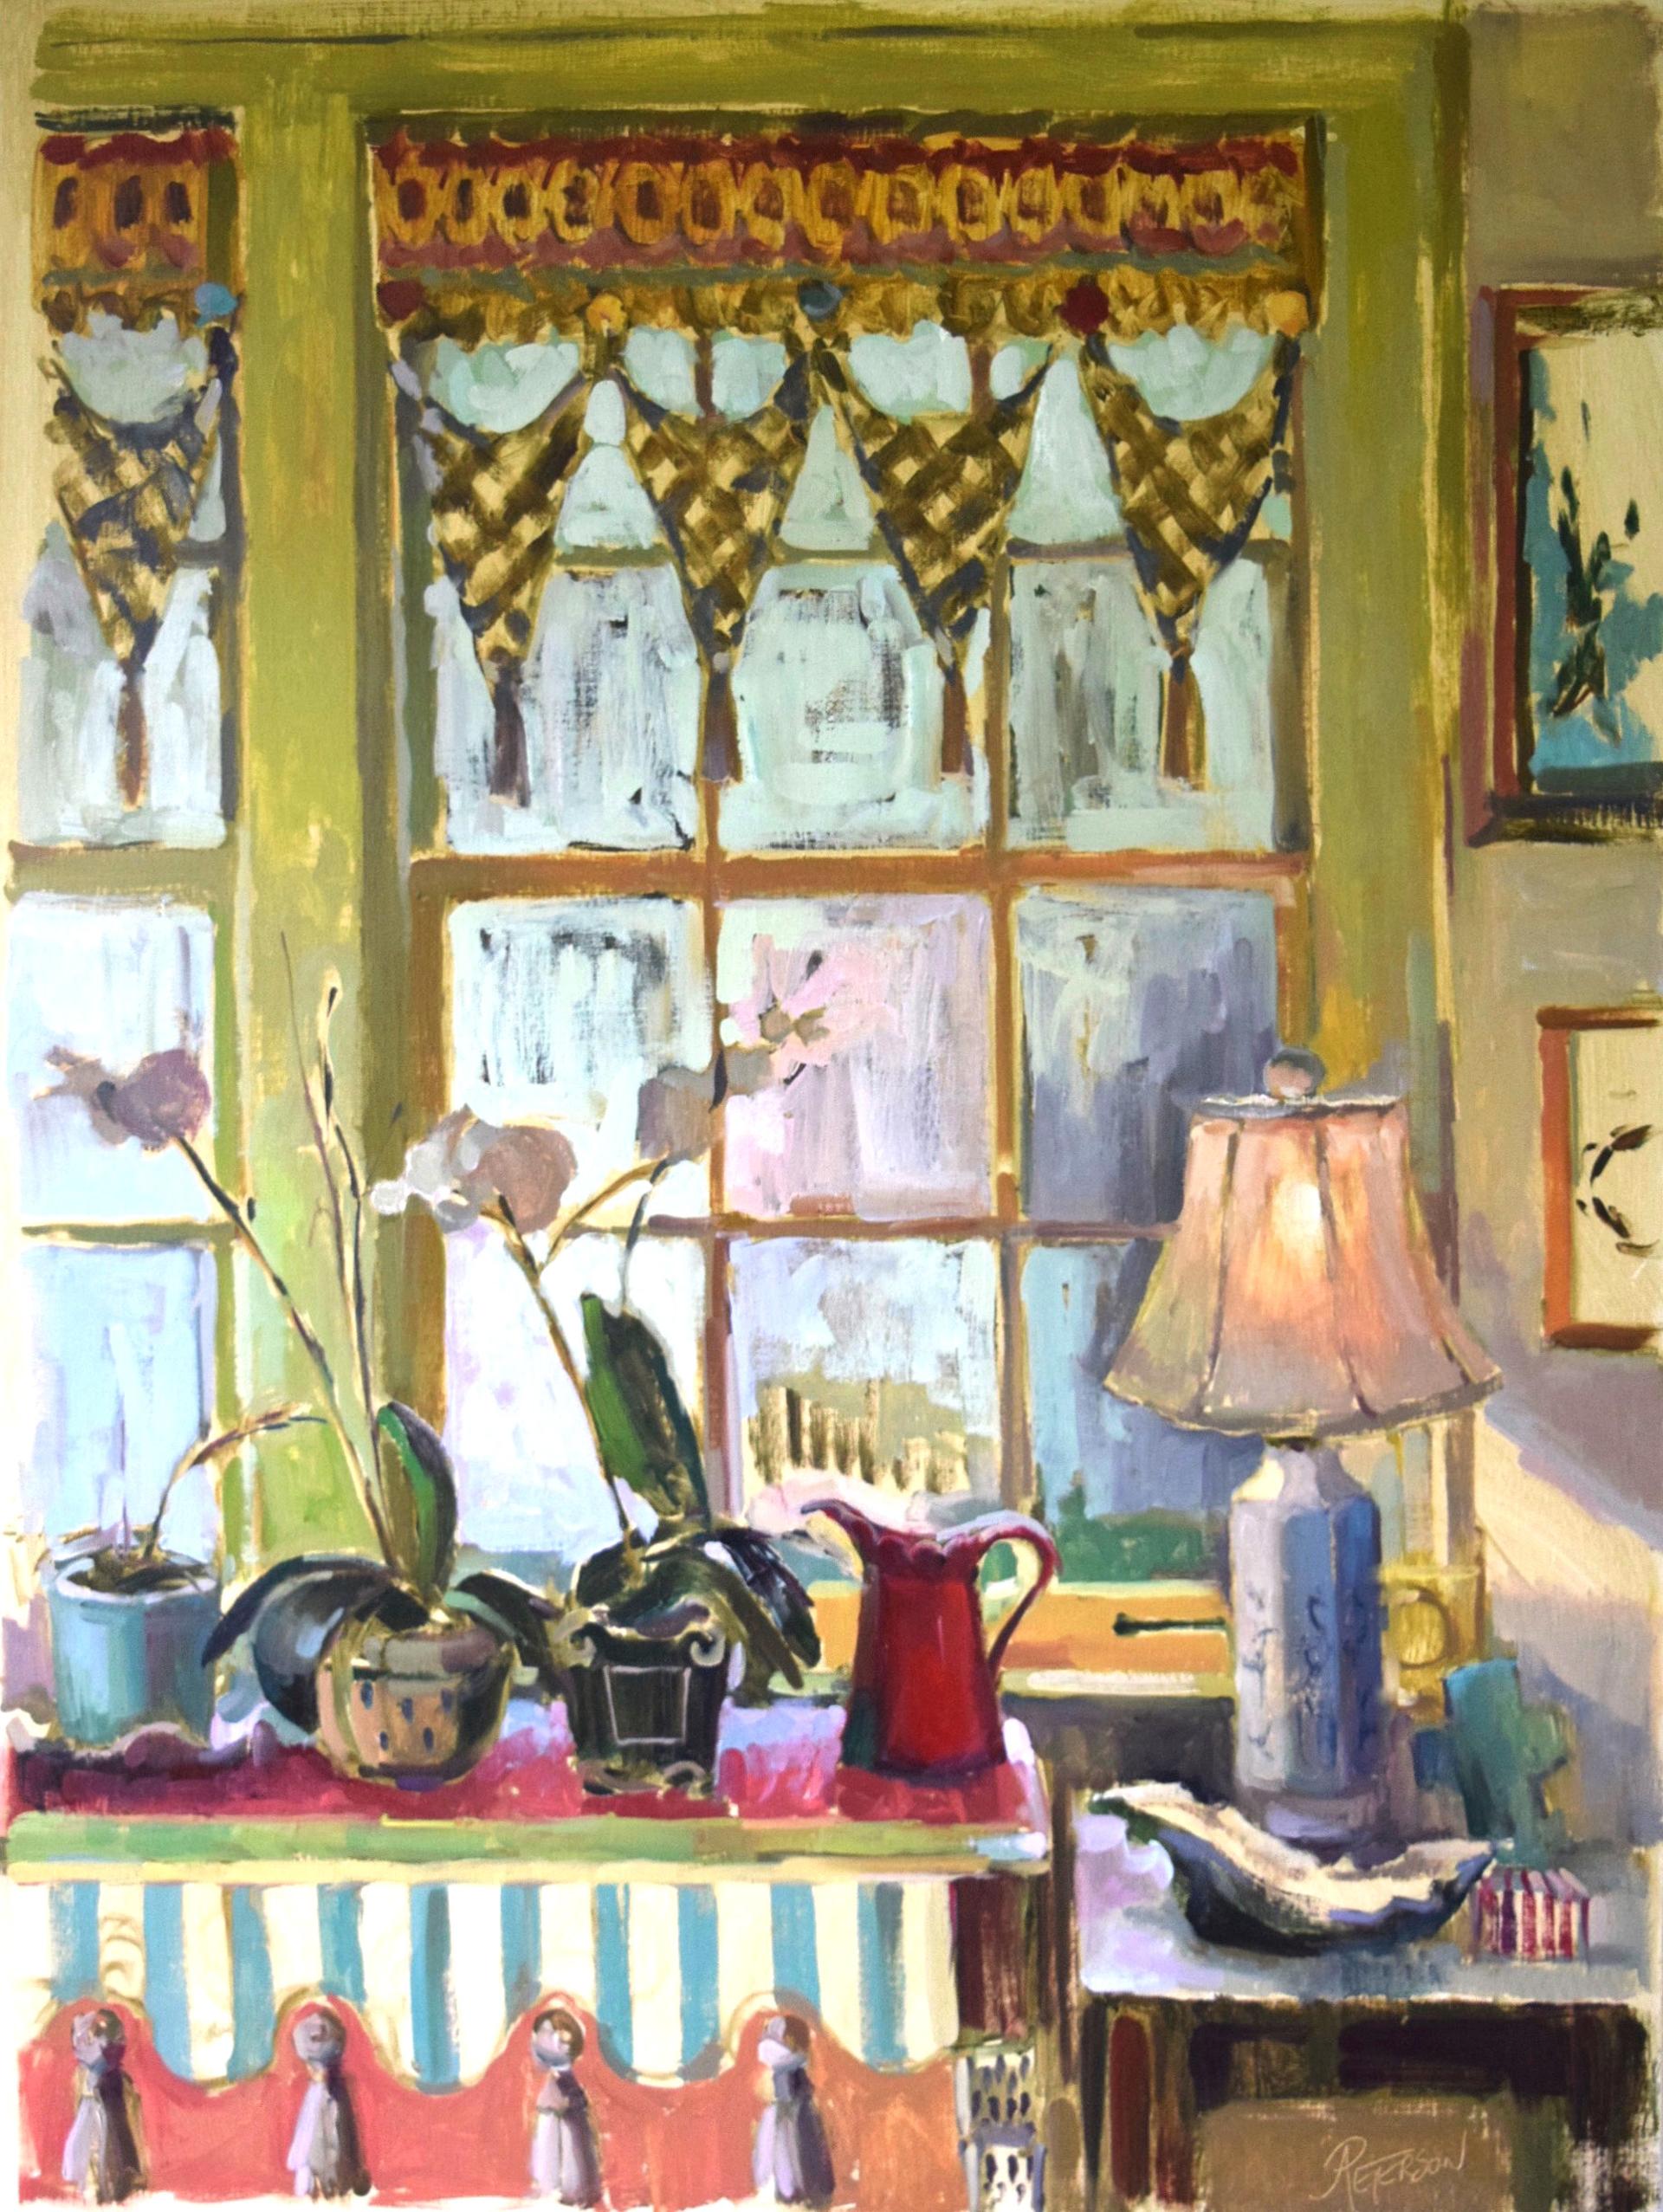 Garden Window II by Amy R. Peterson